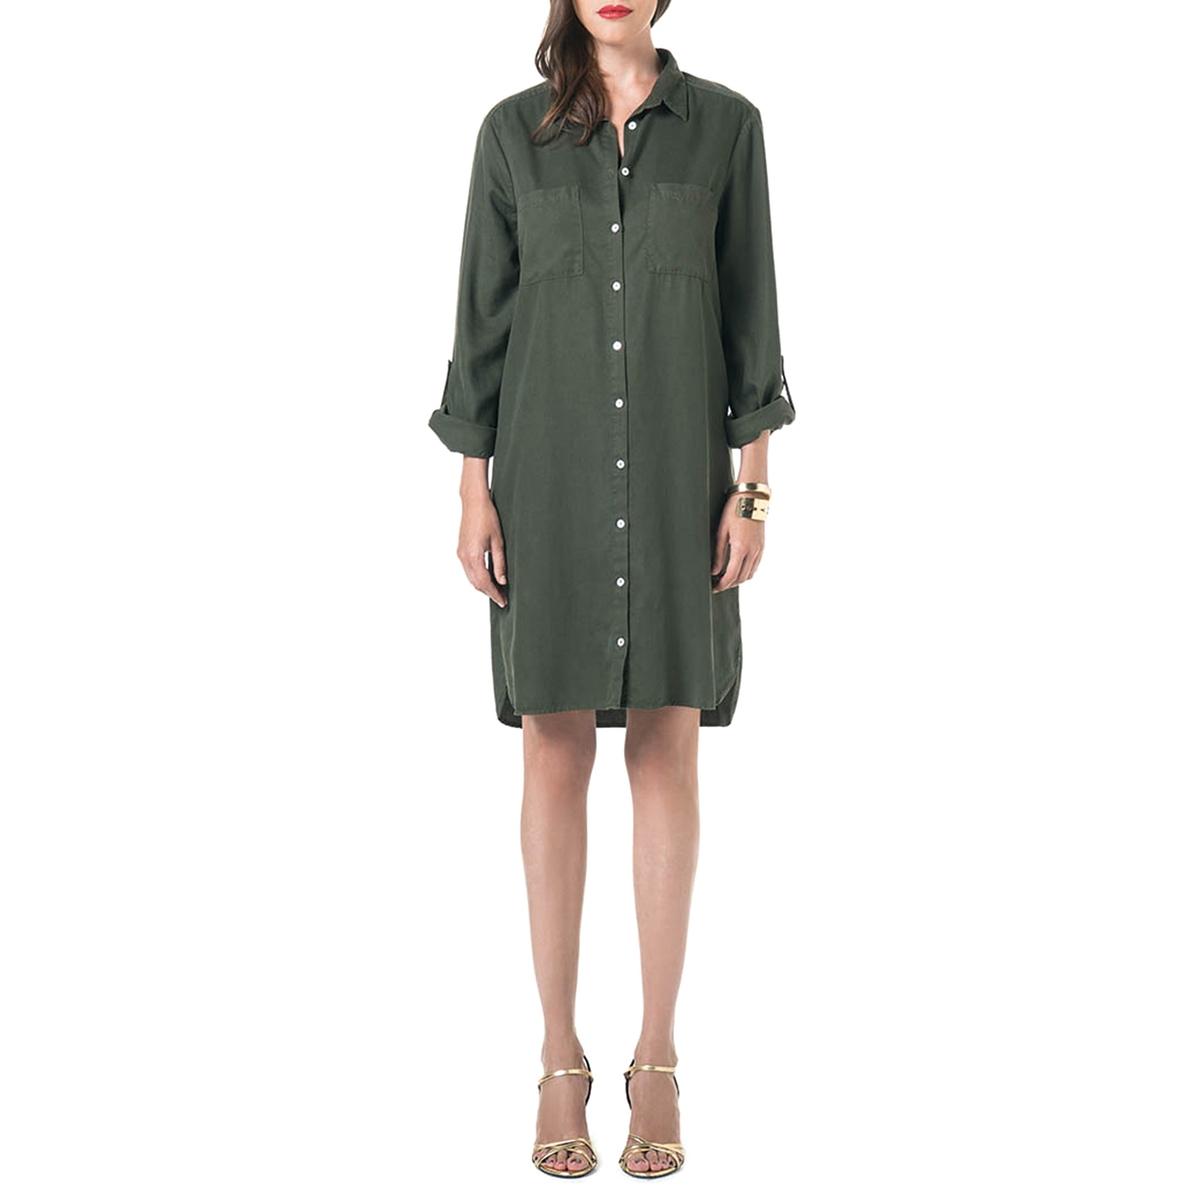 Платье-рубашка из тенселаМатериал : 100% лиоцелл  Длина рукава : Длинные рукава  Форма воротника : воротник-поло, рубашечный. Покрой платья : платье прямого покроя  Рисунок : Однотонная модель   Длина платья : до колен<br><br>Цвет: хаки<br>Размер: S.M